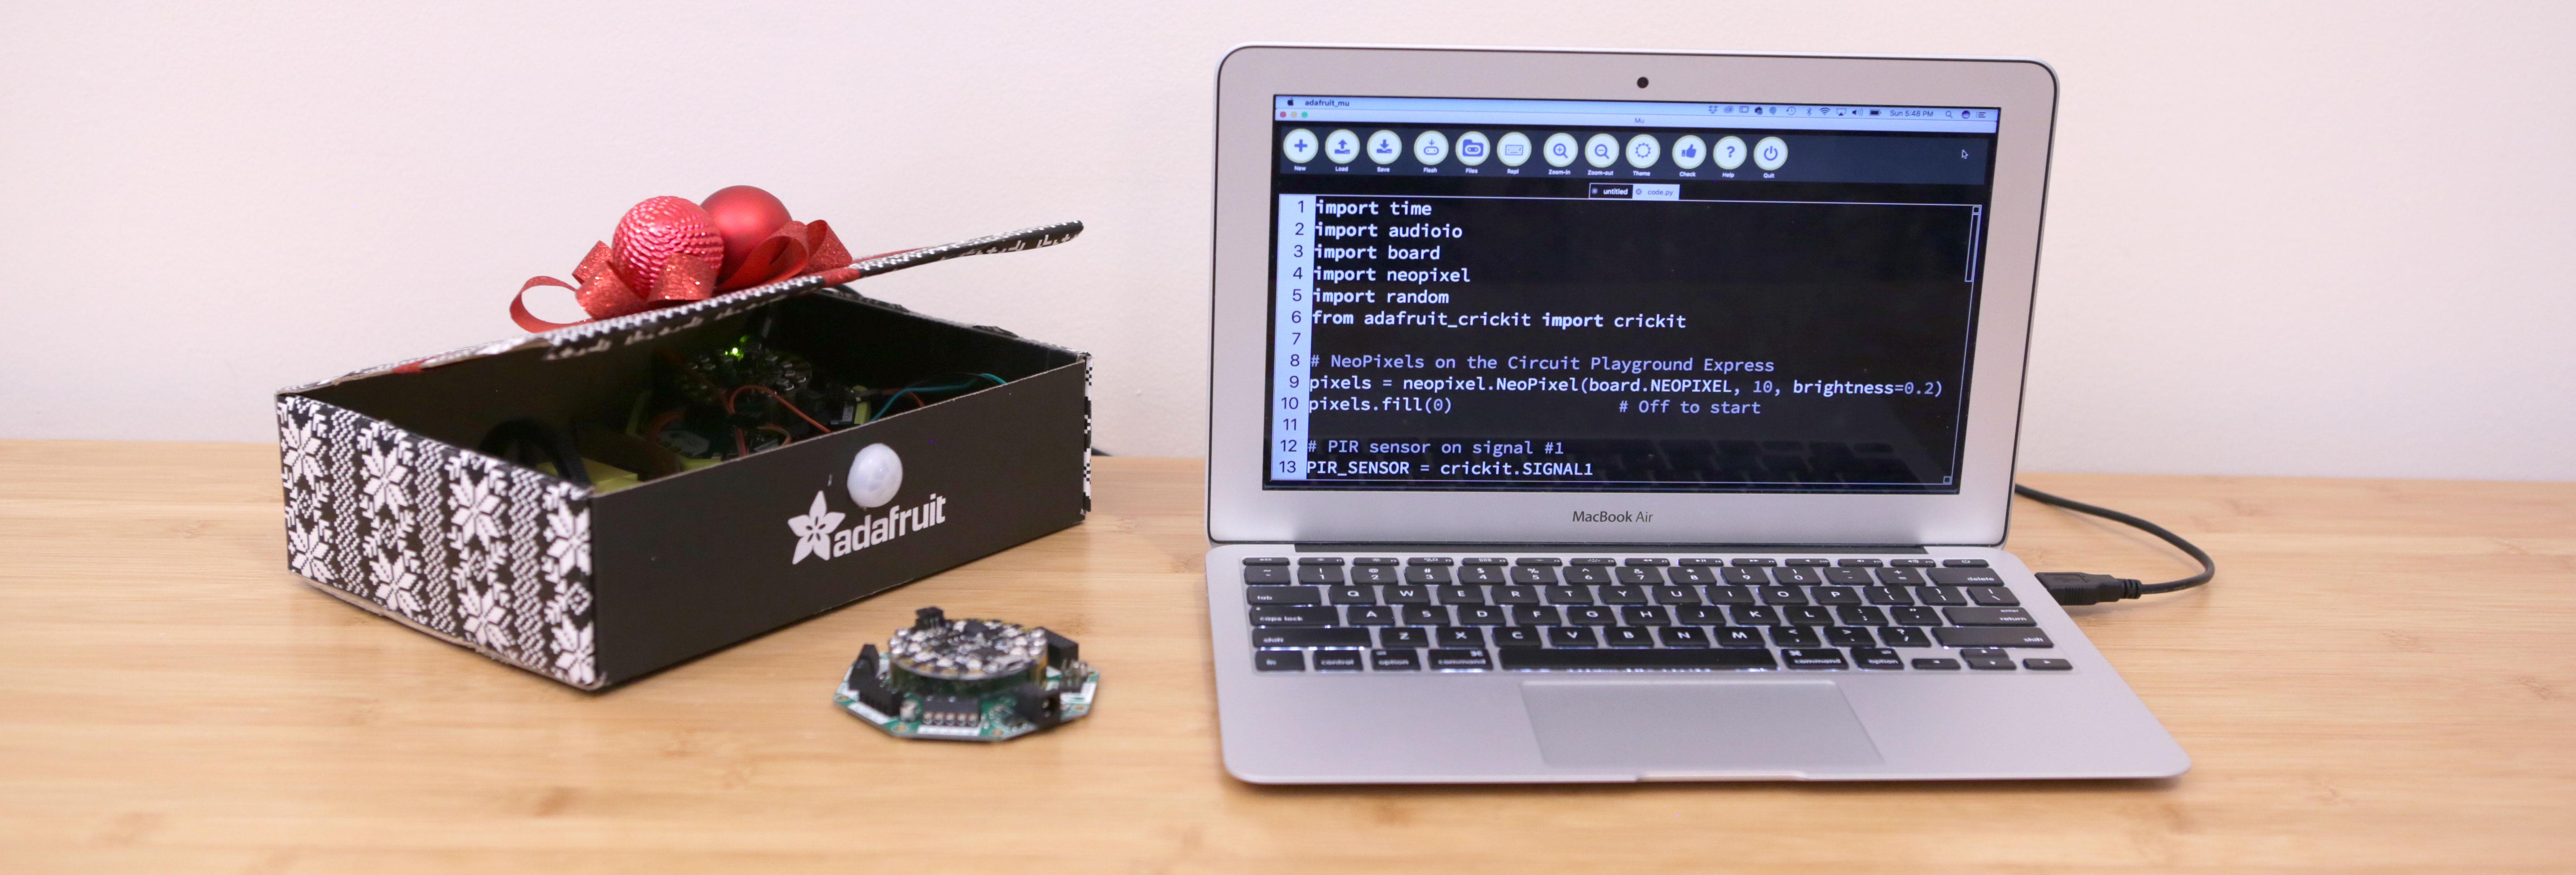 micropython___circuitpython_code-banner.jpg